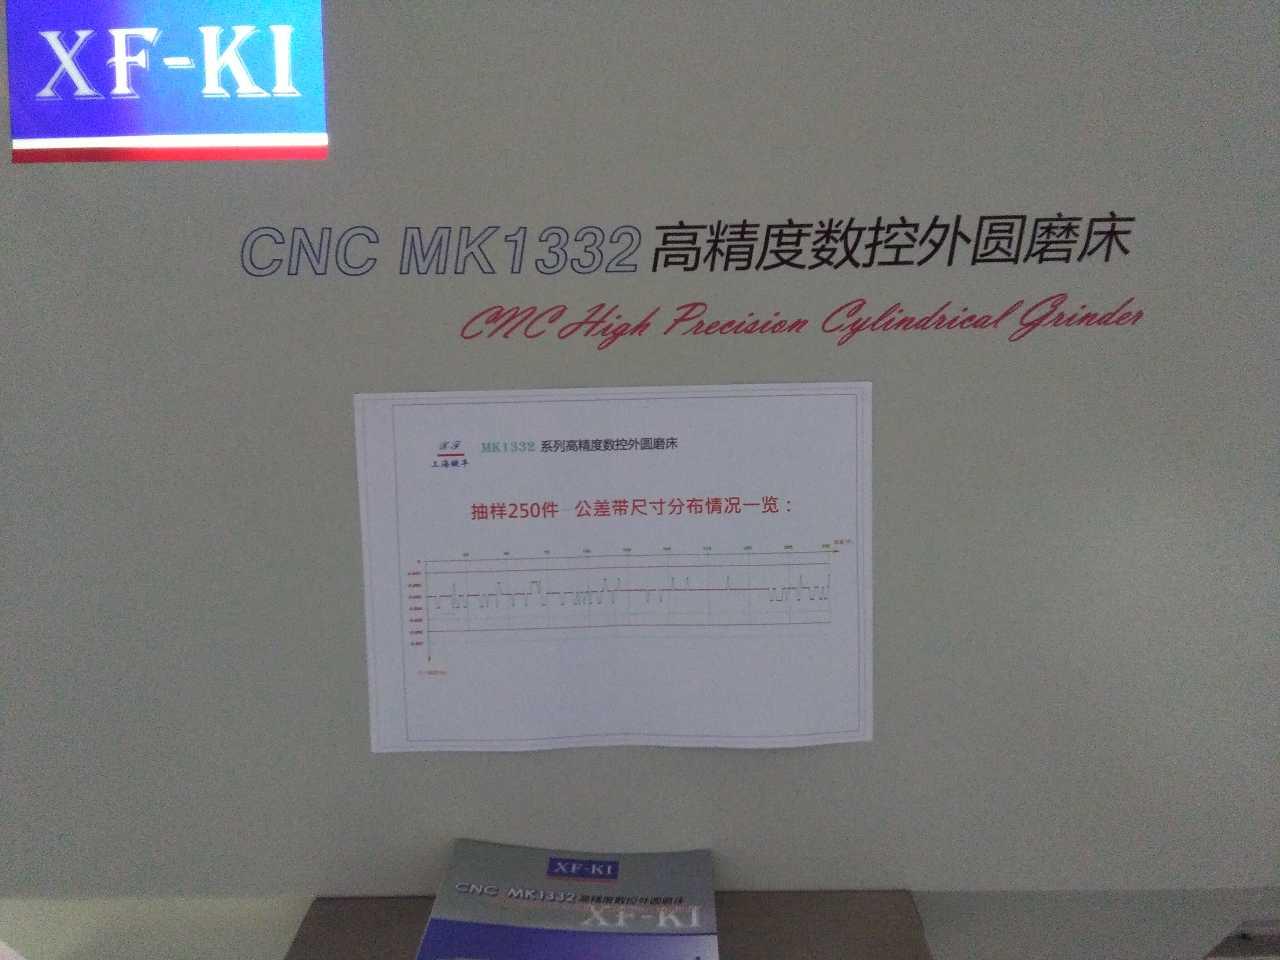 来自陳劍秋发布的供应信息:合作共赢,你的让可,我终生的服务... - 鐵王數控機床(蘇州)有限公司